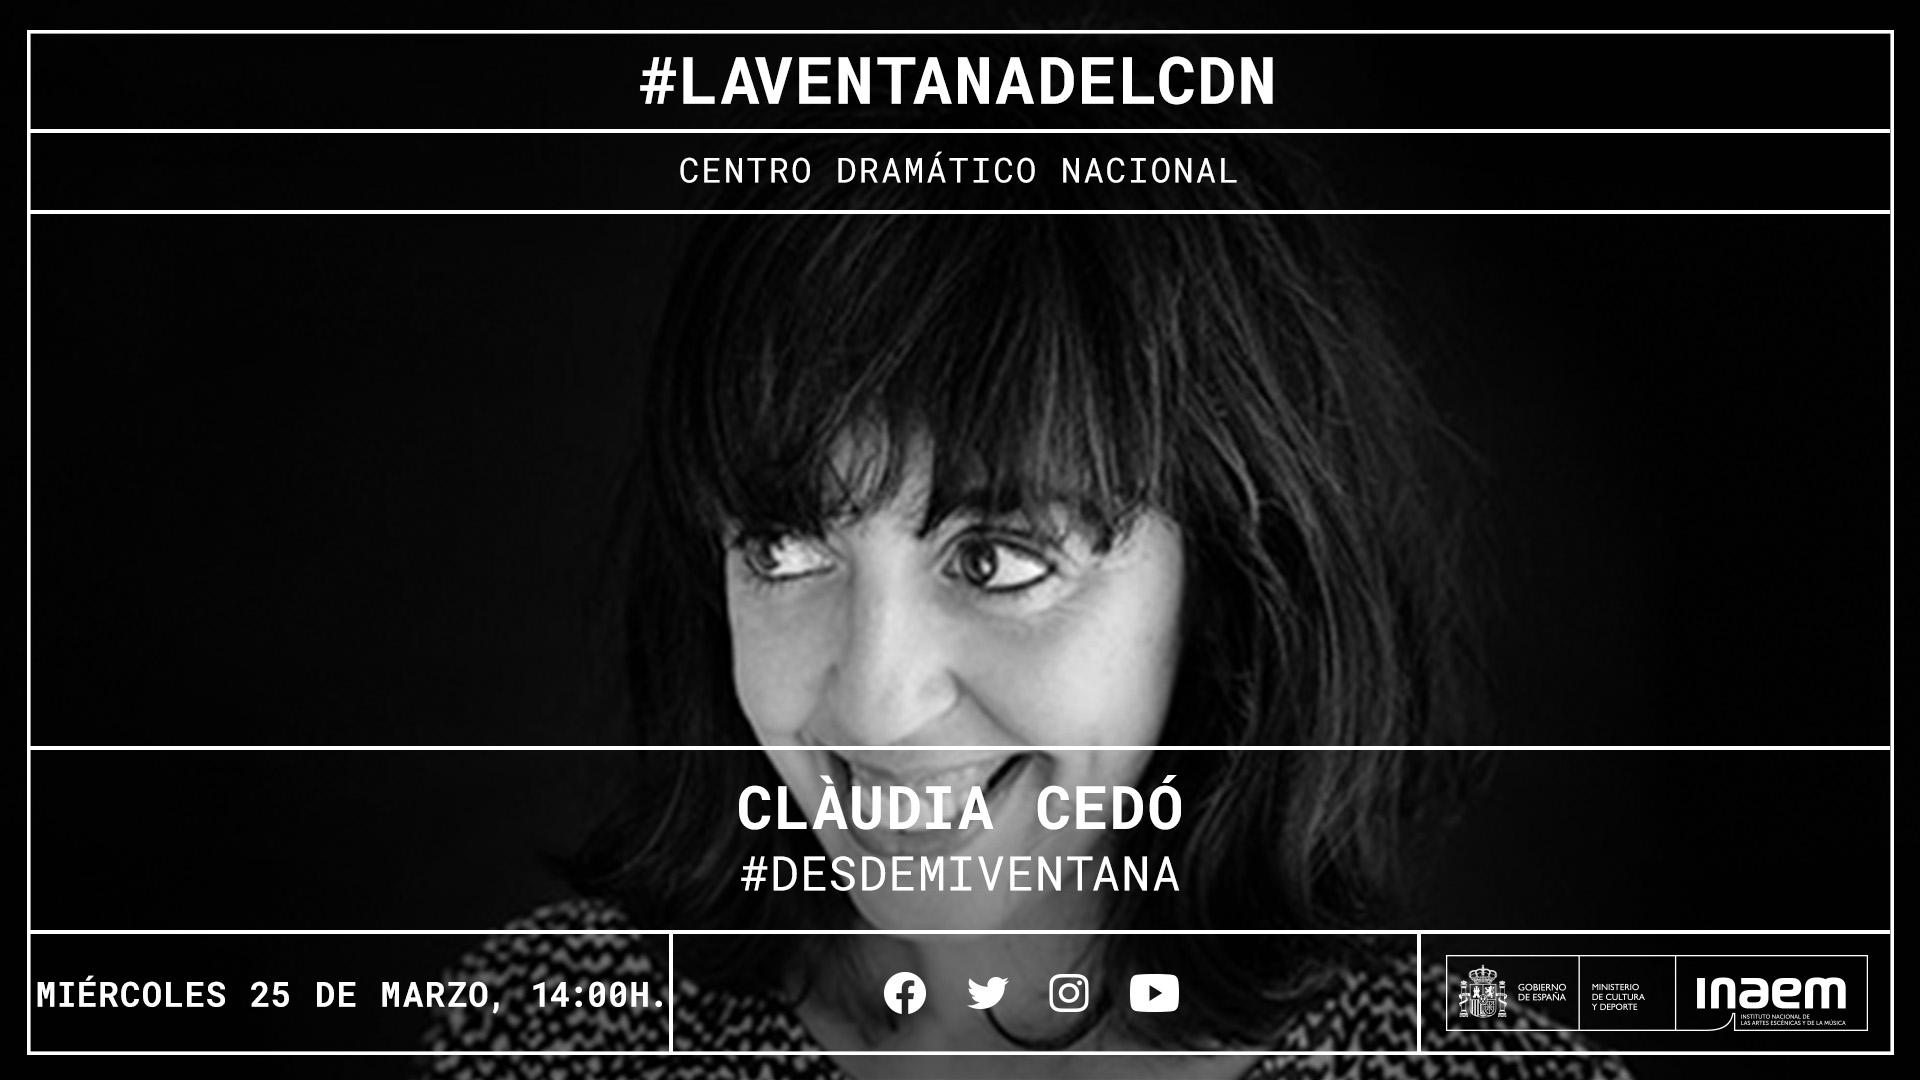 Claudia Cedó inaugura una nueva sección dedicada a creaciones sonoras y visuales en tiempos de cuarentena